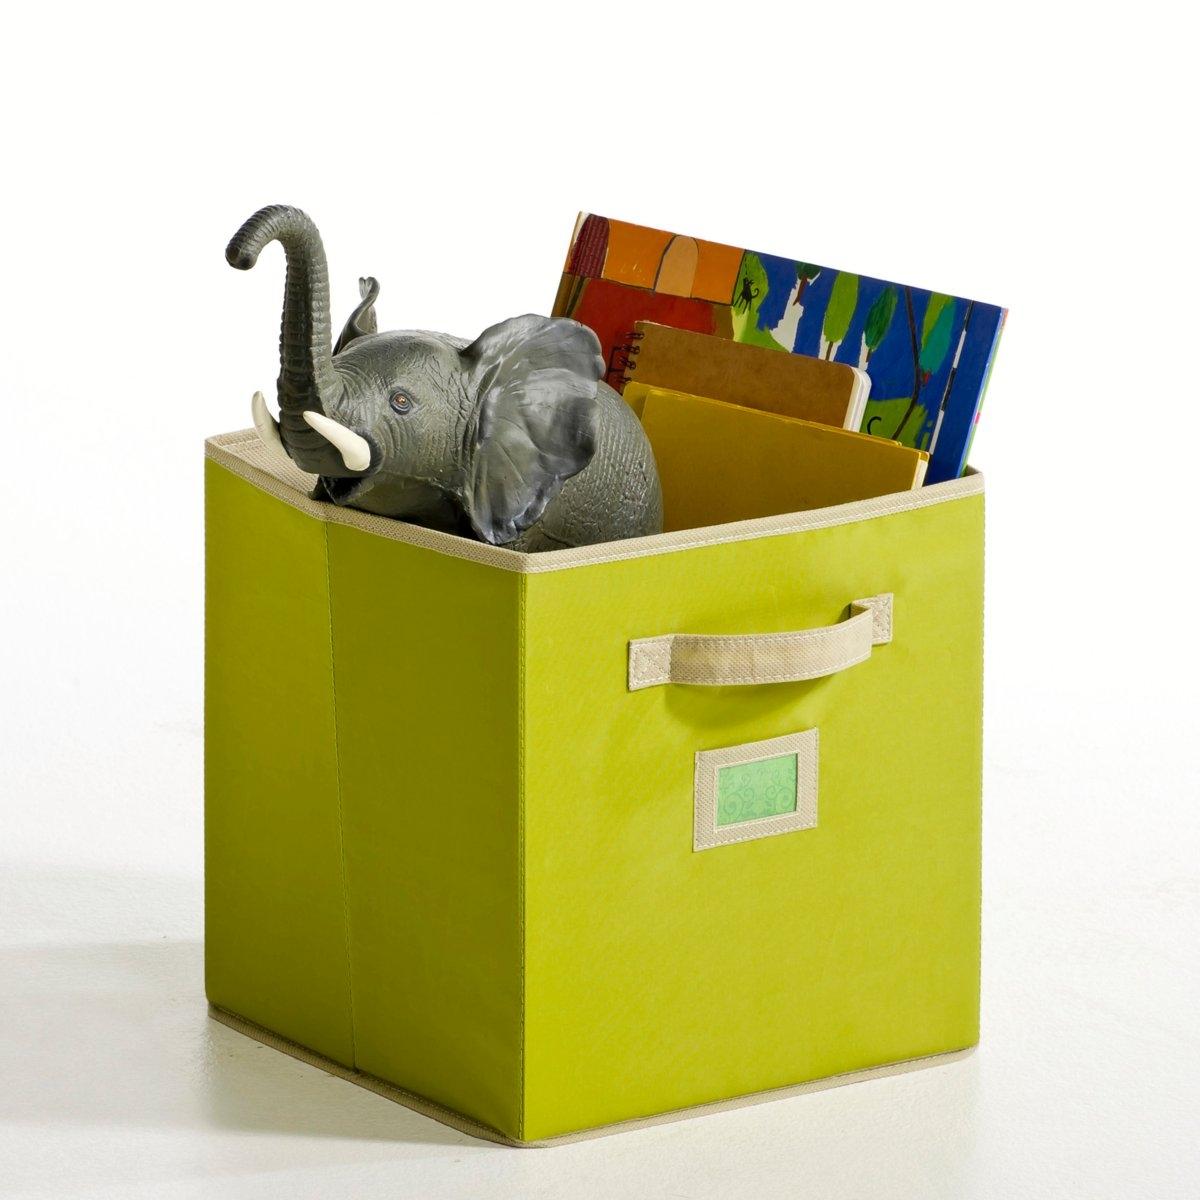 2 ящикаИгрушки и книги больше не валяются в беспорядке! Идеальное решение для порядка в комнате. 100% полиэстера. Размер: ширина 29 х высота 31 см х глубина 29 см. В комплекте 2 ящика одного цвета.<br><br>Цвет: зеленый,розовый,серо-коричневый,фиолетовый<br>Размер: единый размер.единый размер.единый размер